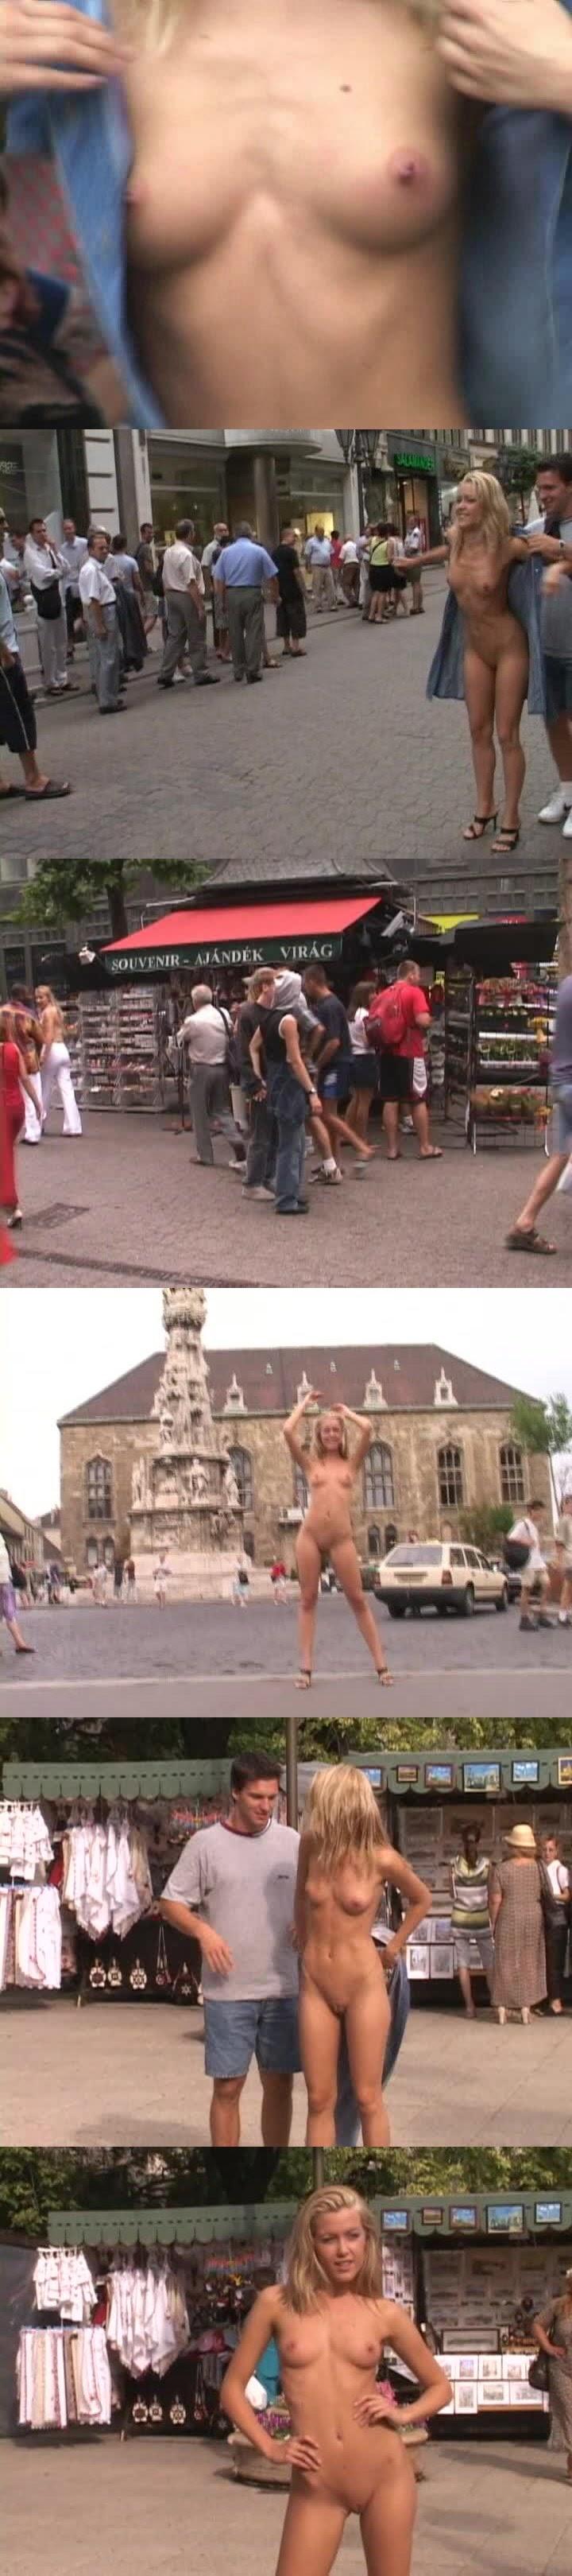 dvd075-c06-2m - Girlsdelta